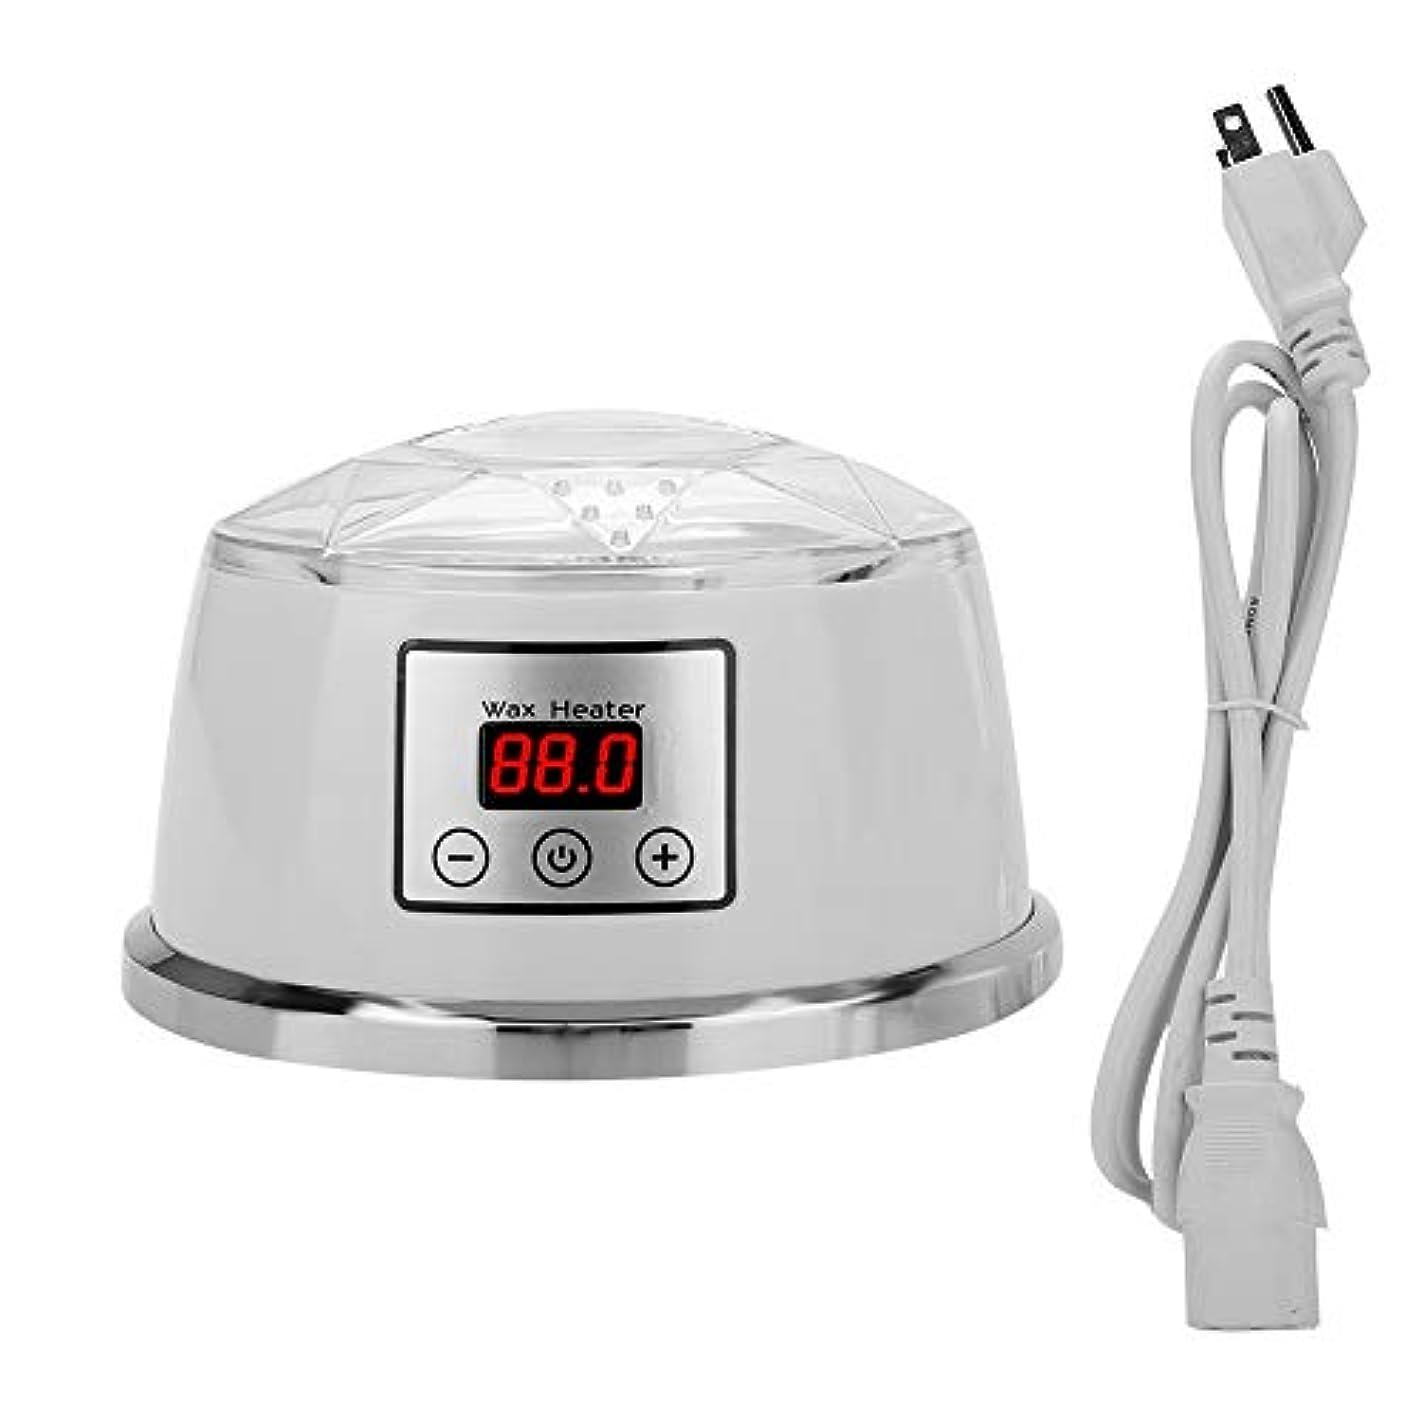 いとこバッフル切手ワックスウォーマー多機能温度制御ワックス暖房機脱毛家庭用(110?220V)